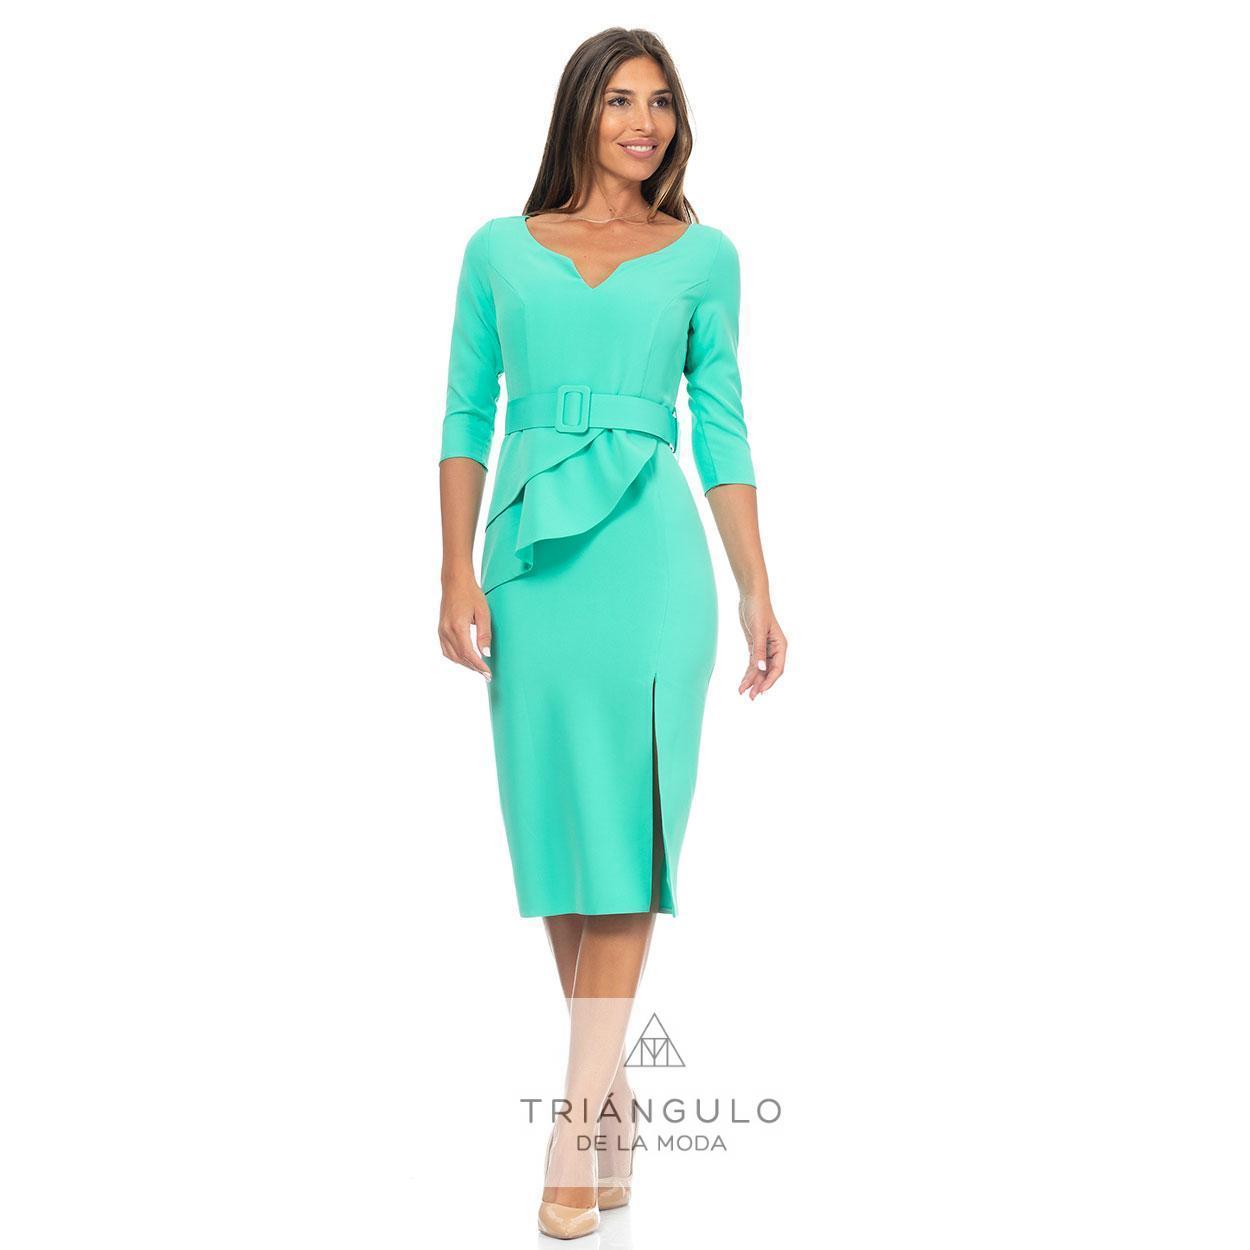 Tienda online del Triangulo de la Moda VESTIDO CON CINTURON Y VOLANTES EN CINTURA